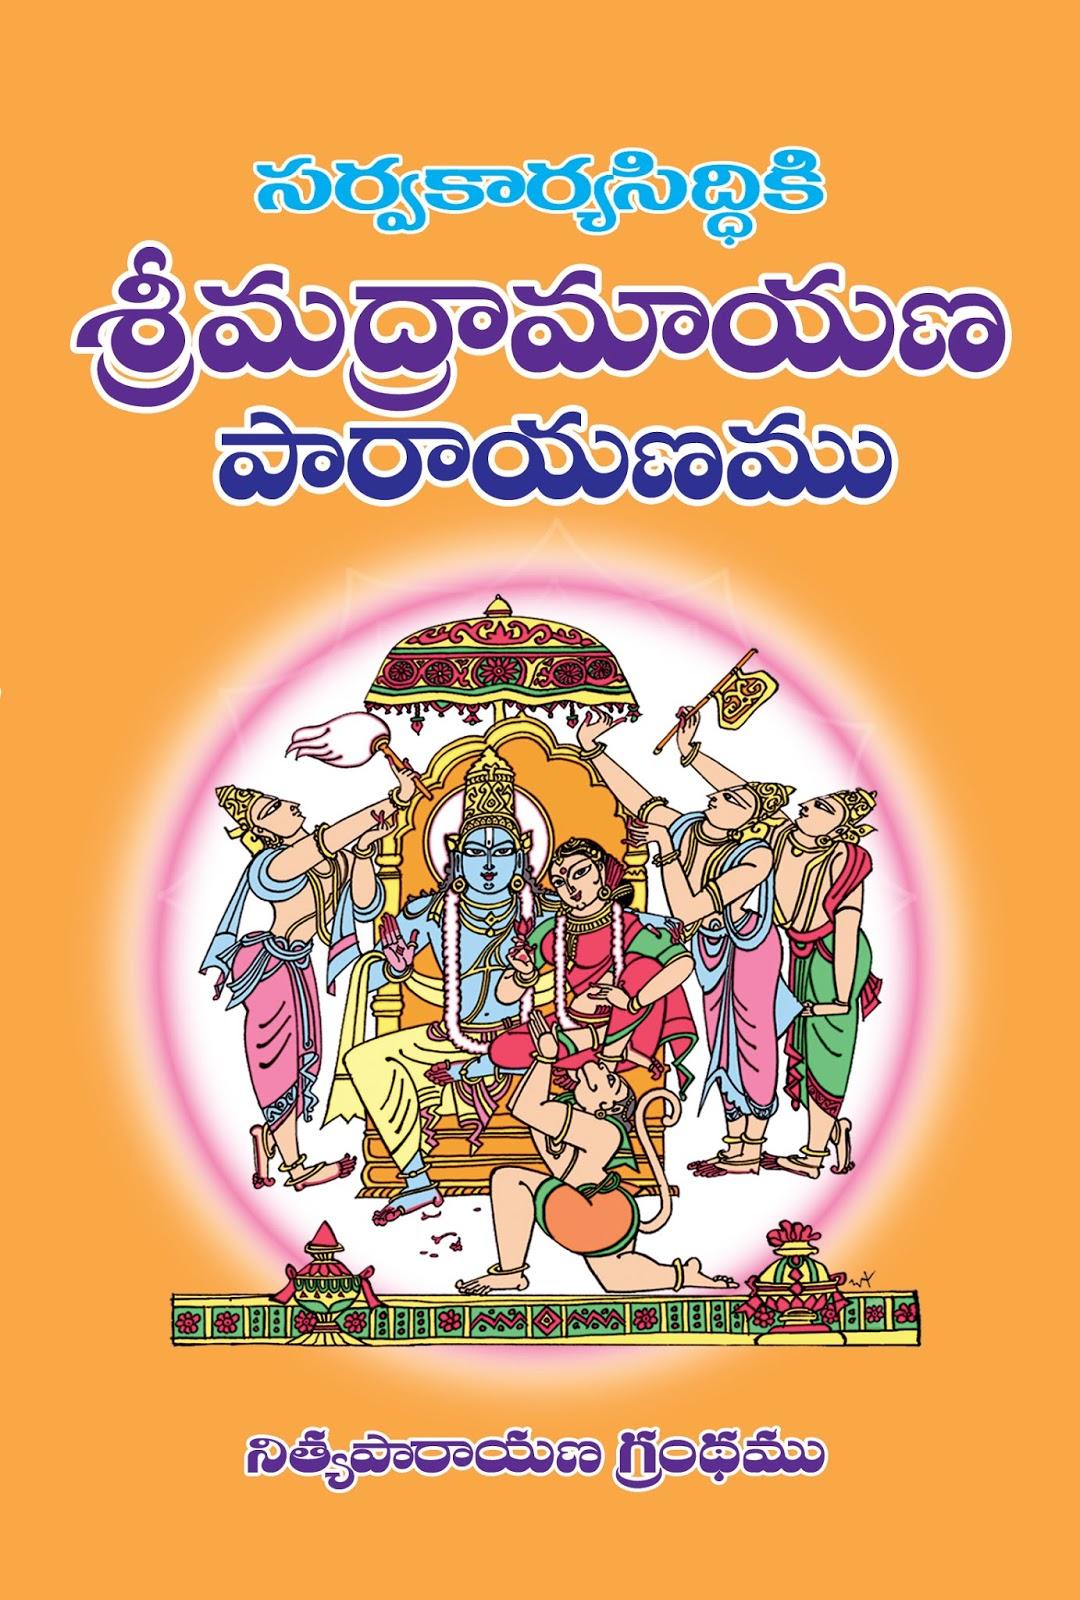 సర్వకార్యసిద్దికి రామాయణ పారాయణ | Sarvakaryasiddiki Ramayana Parayana | GRANTHANIDHI | MOHANPUBLICATIONS | bhaktibooks